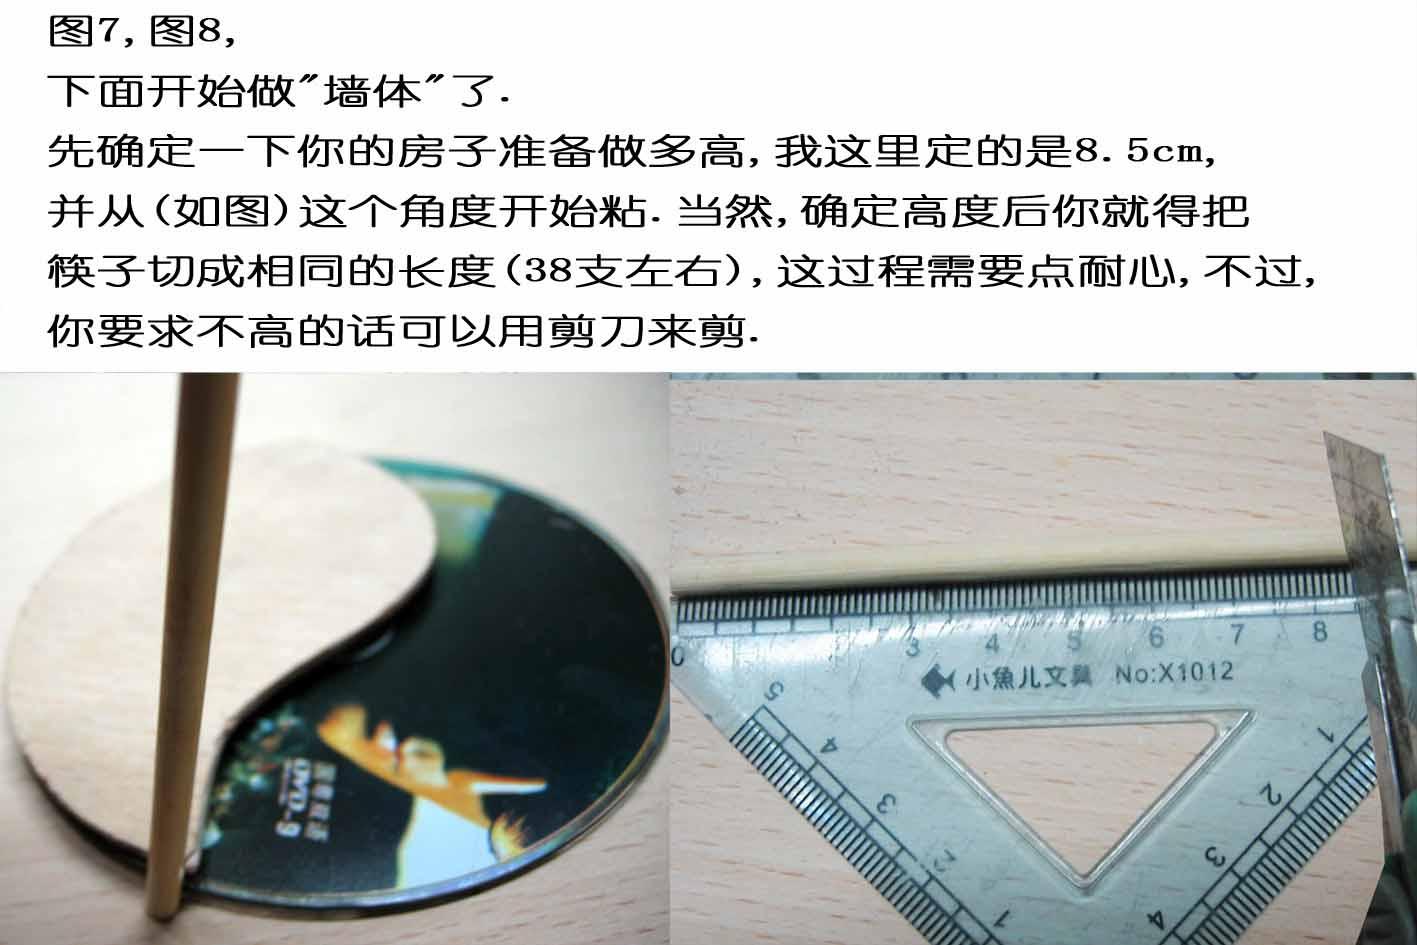 手工制作的筷子小木屋,就是和百度的差不多 求 过程最